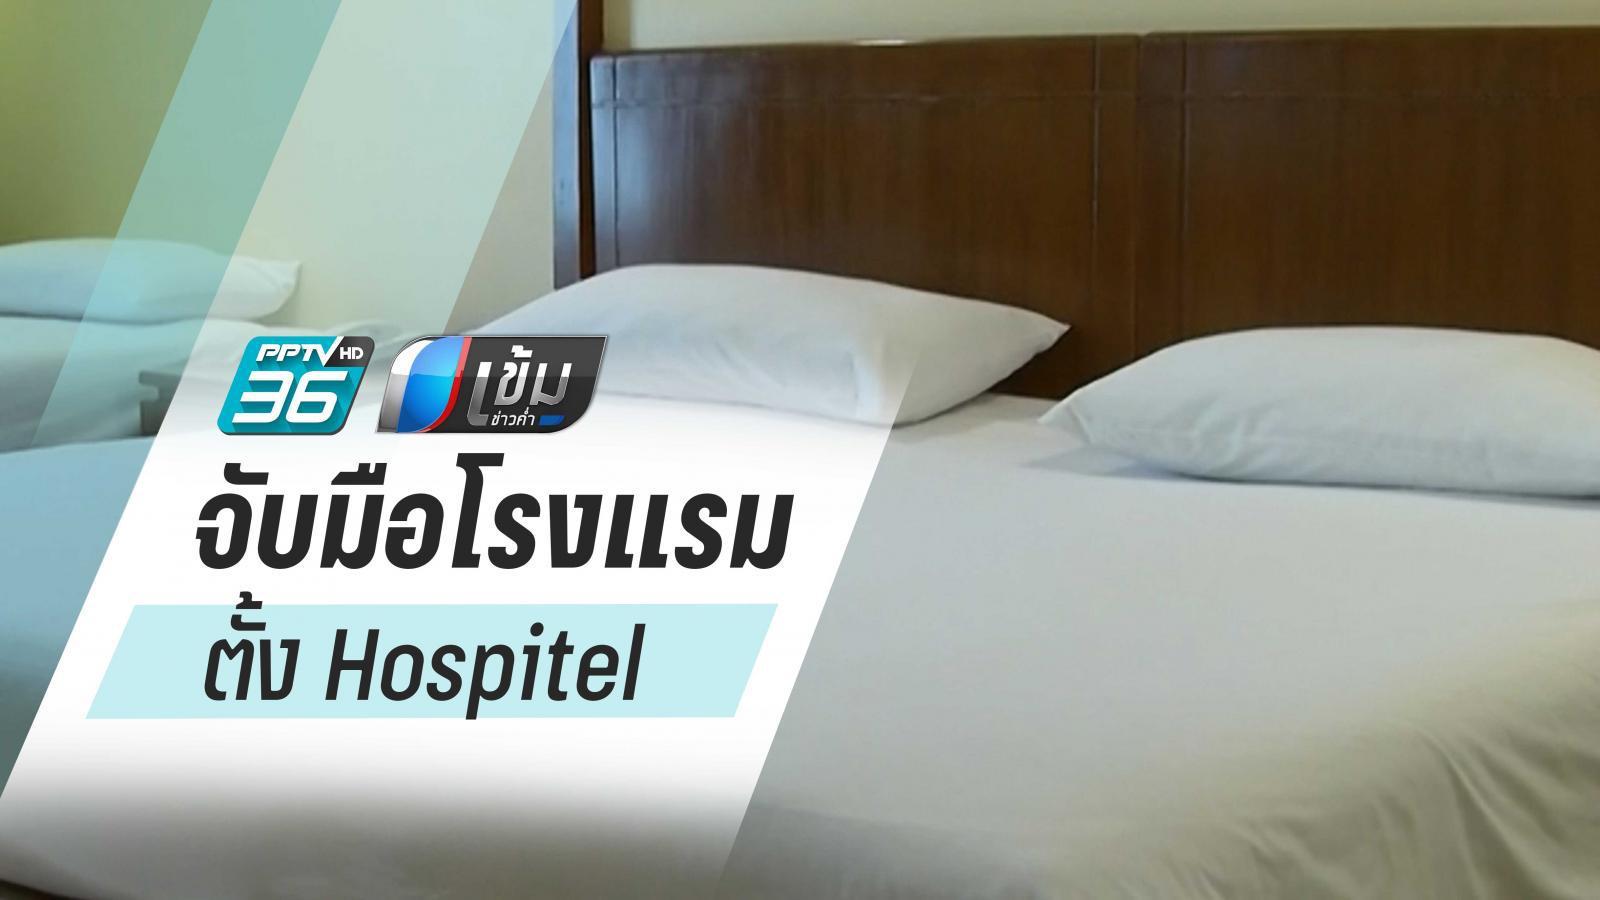 สธ.จับมือโรงแรม ตั้ง Hospitel พักฟื้นผู้ป่วยโควิด-19